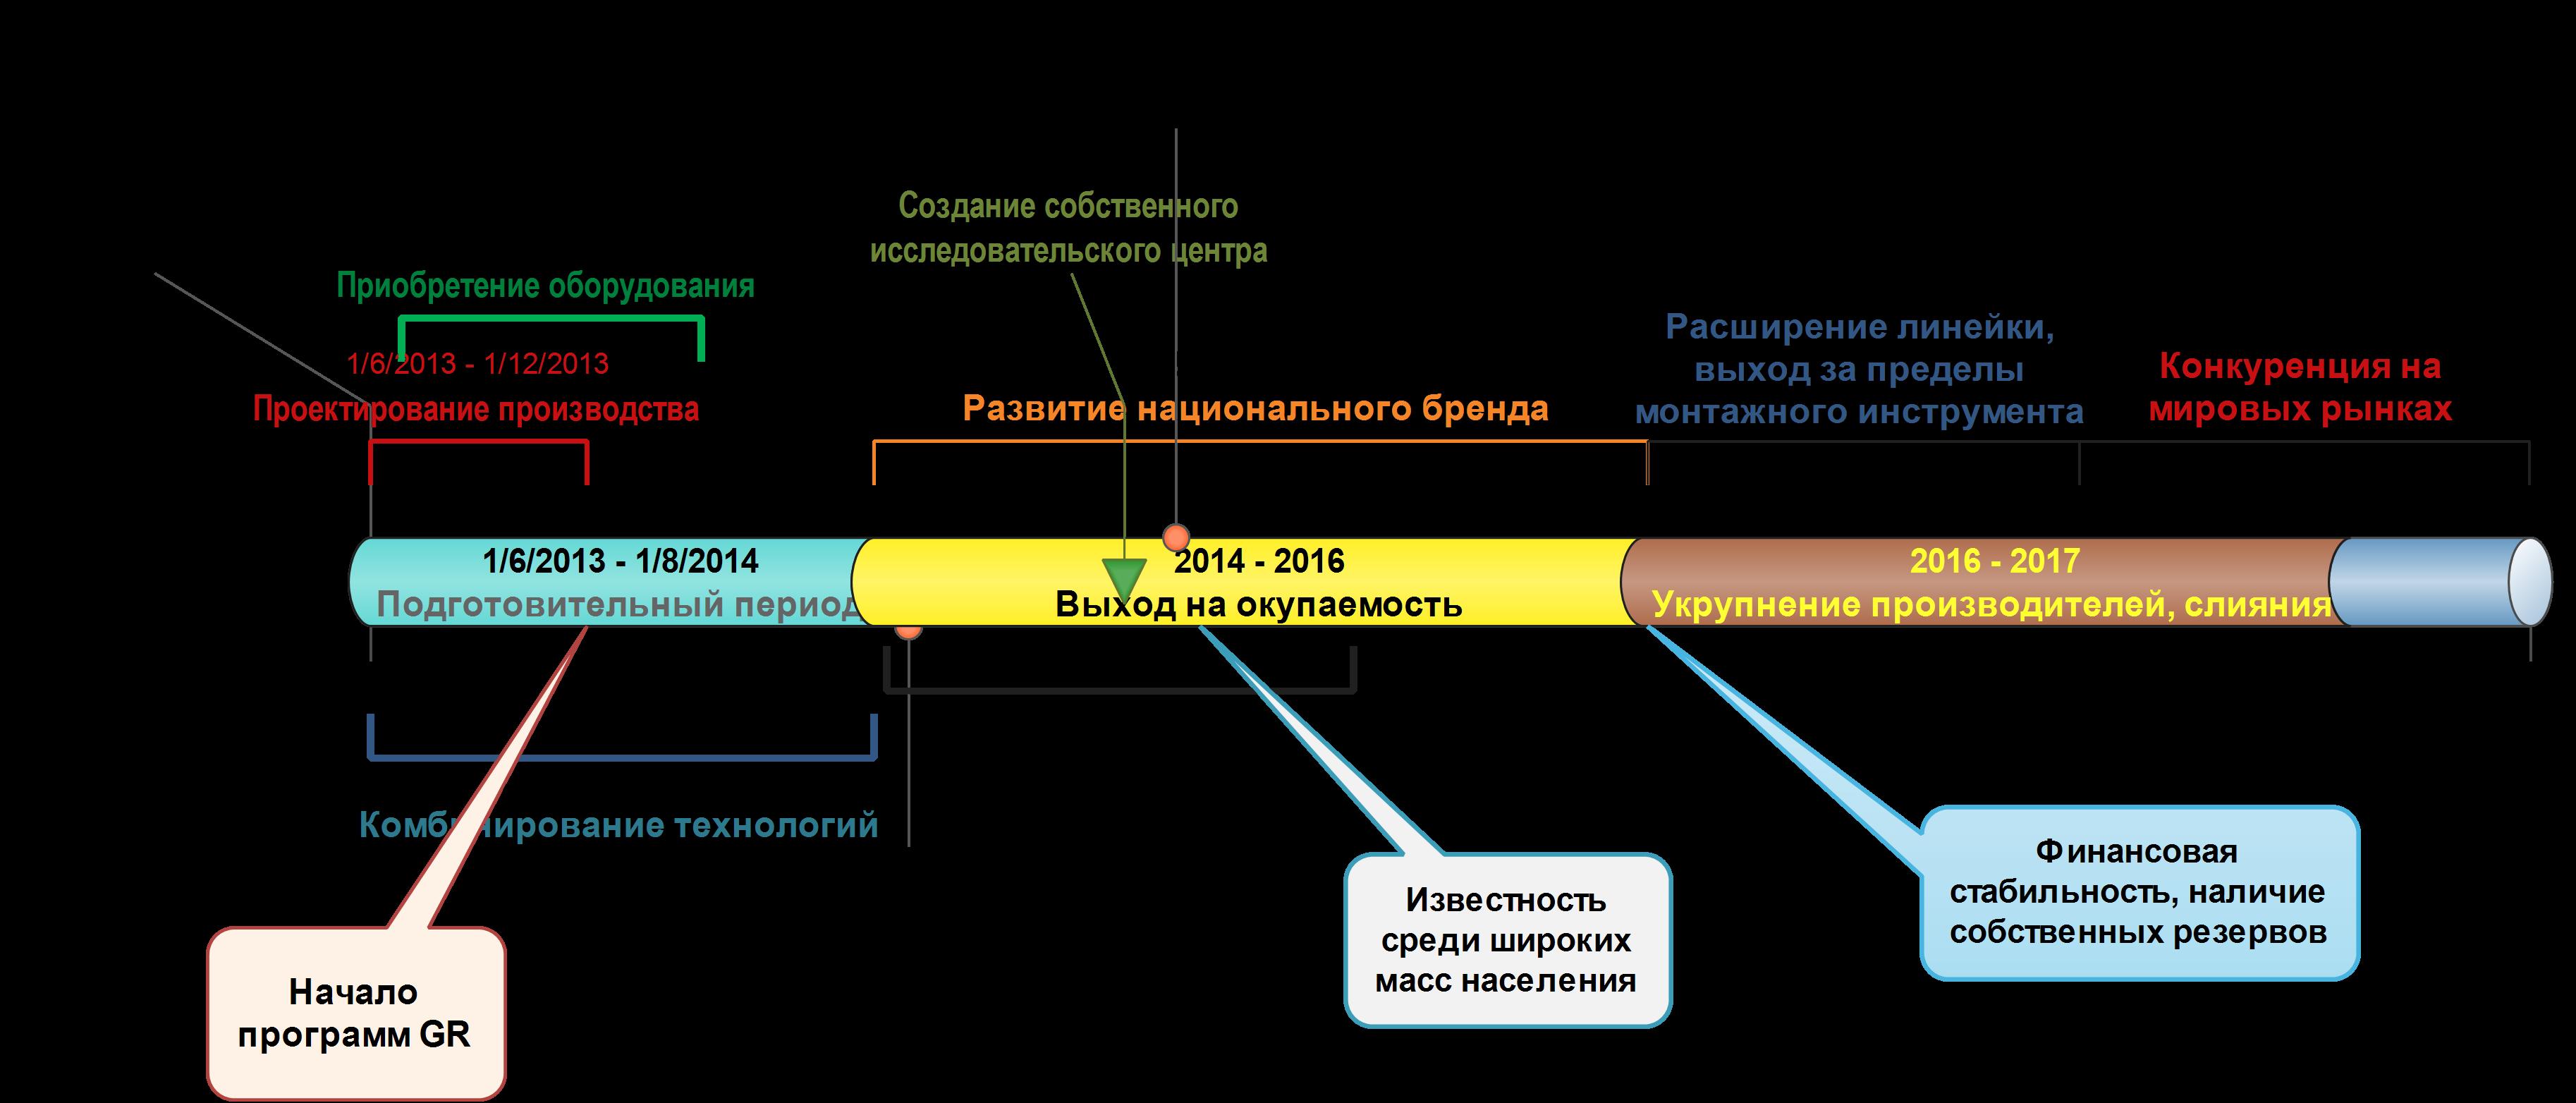 Создание бизнес плана примере скачать бизнес план производство брусчатки